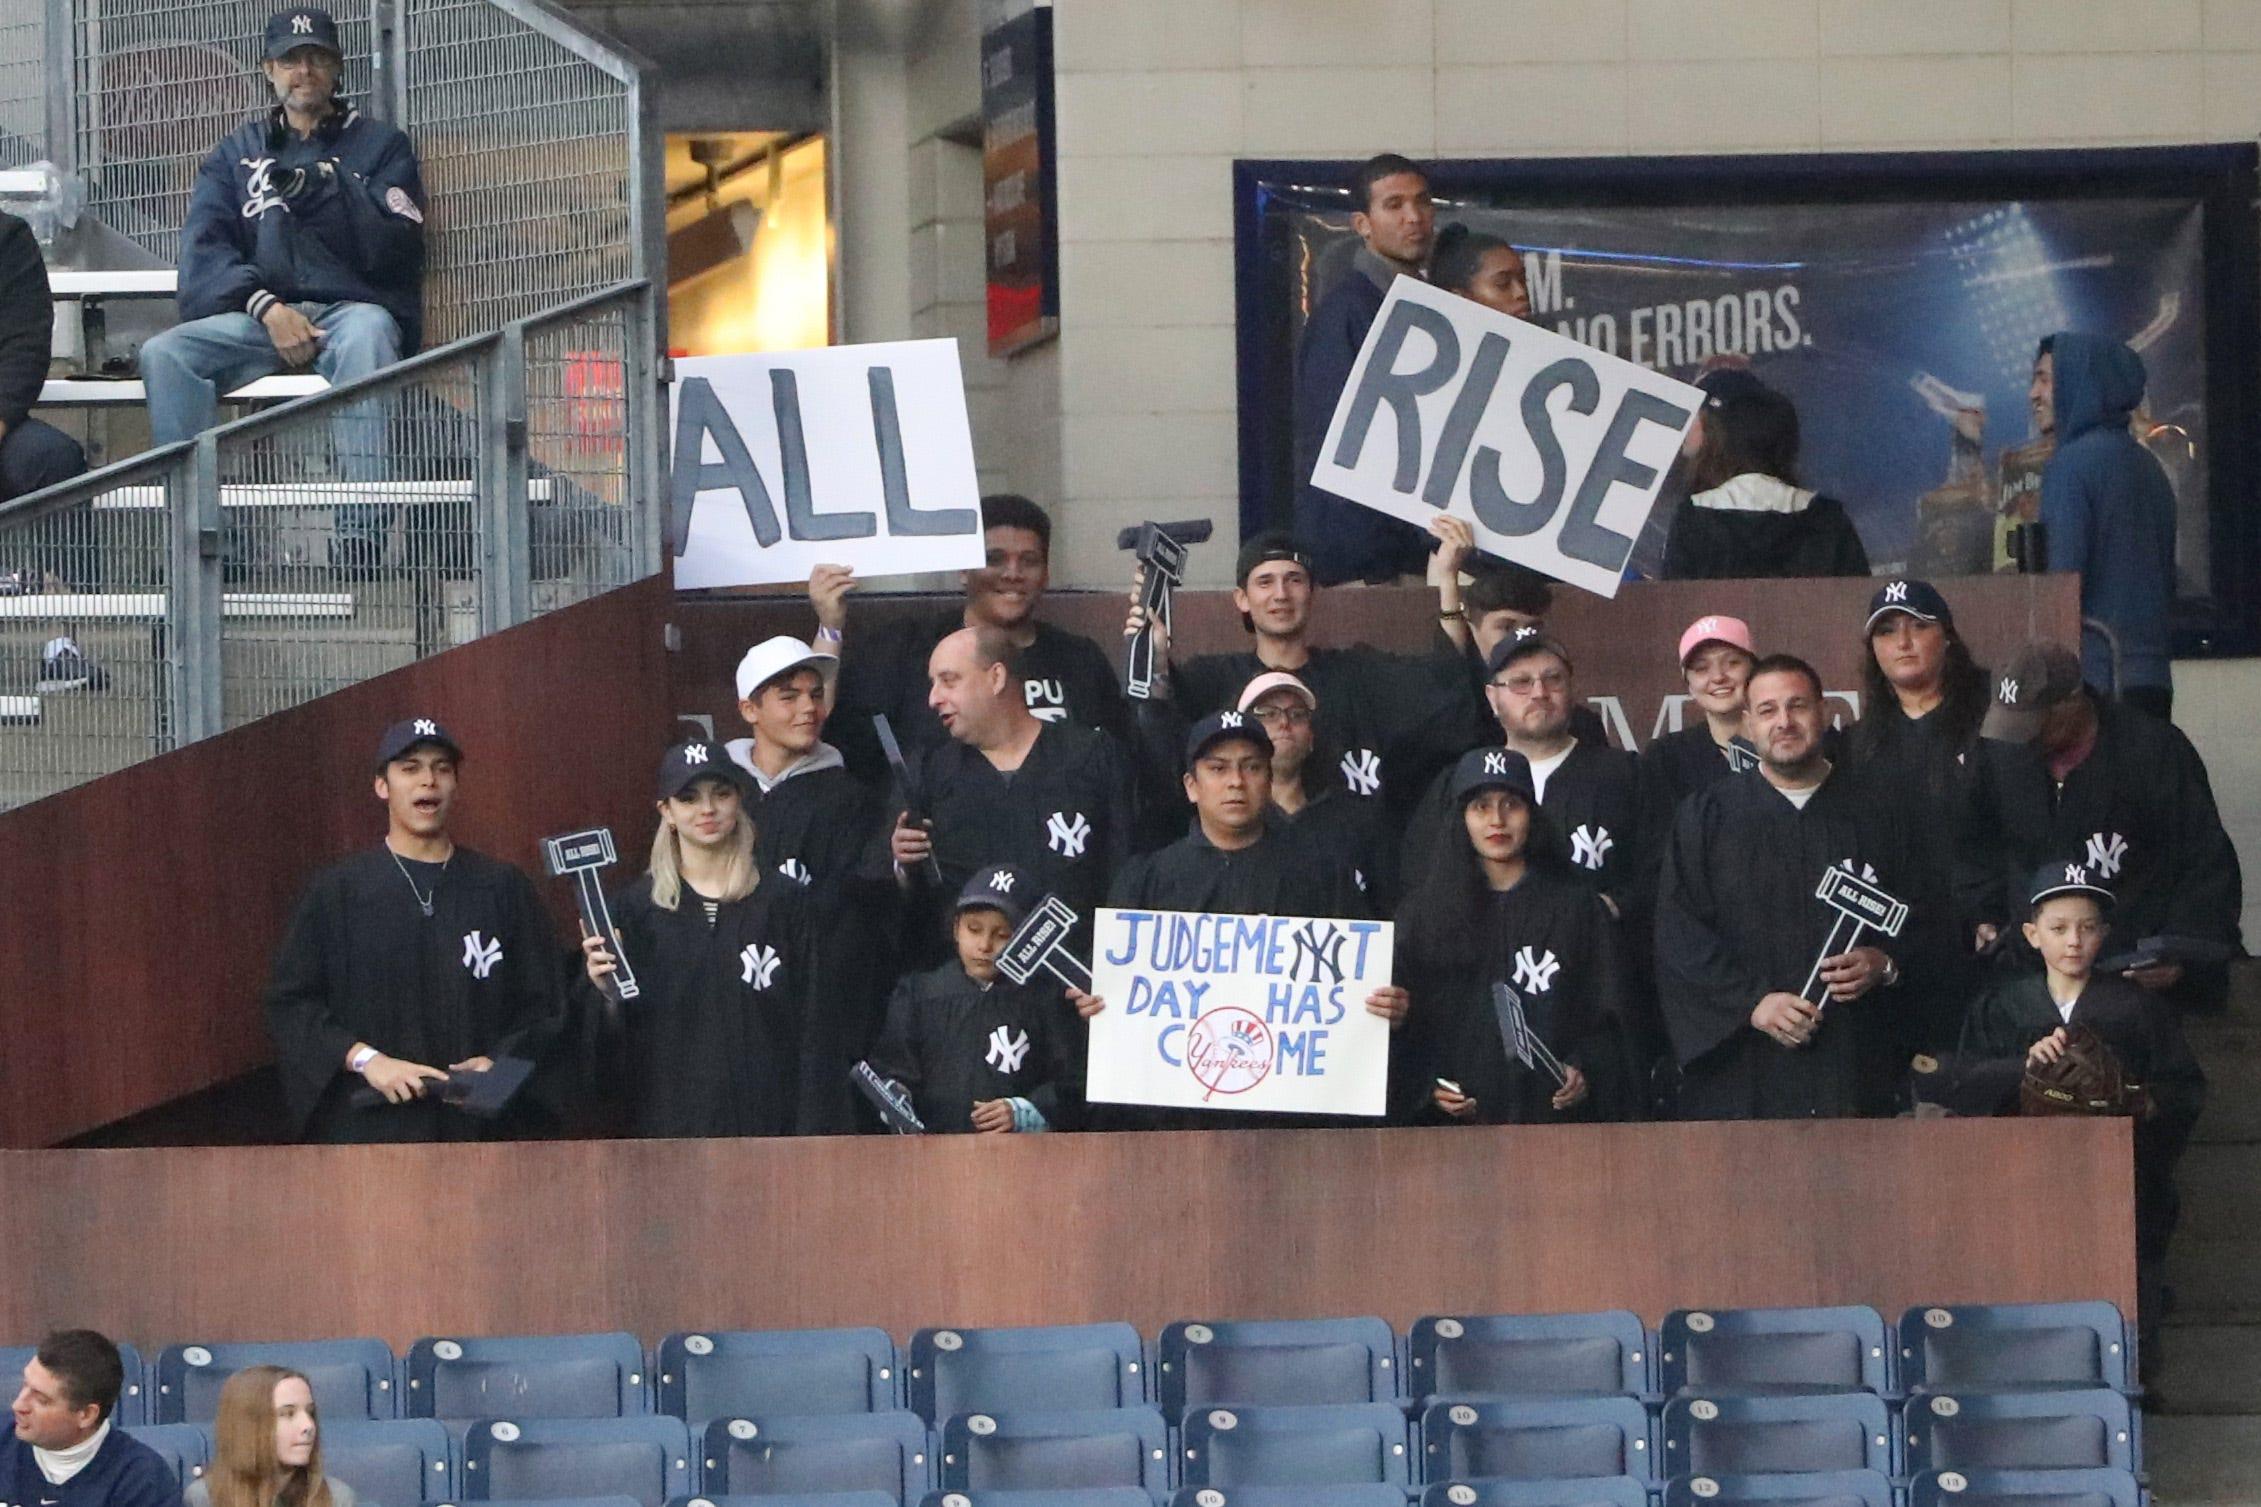 Judge's Chambers debuts at Yankee Stadium